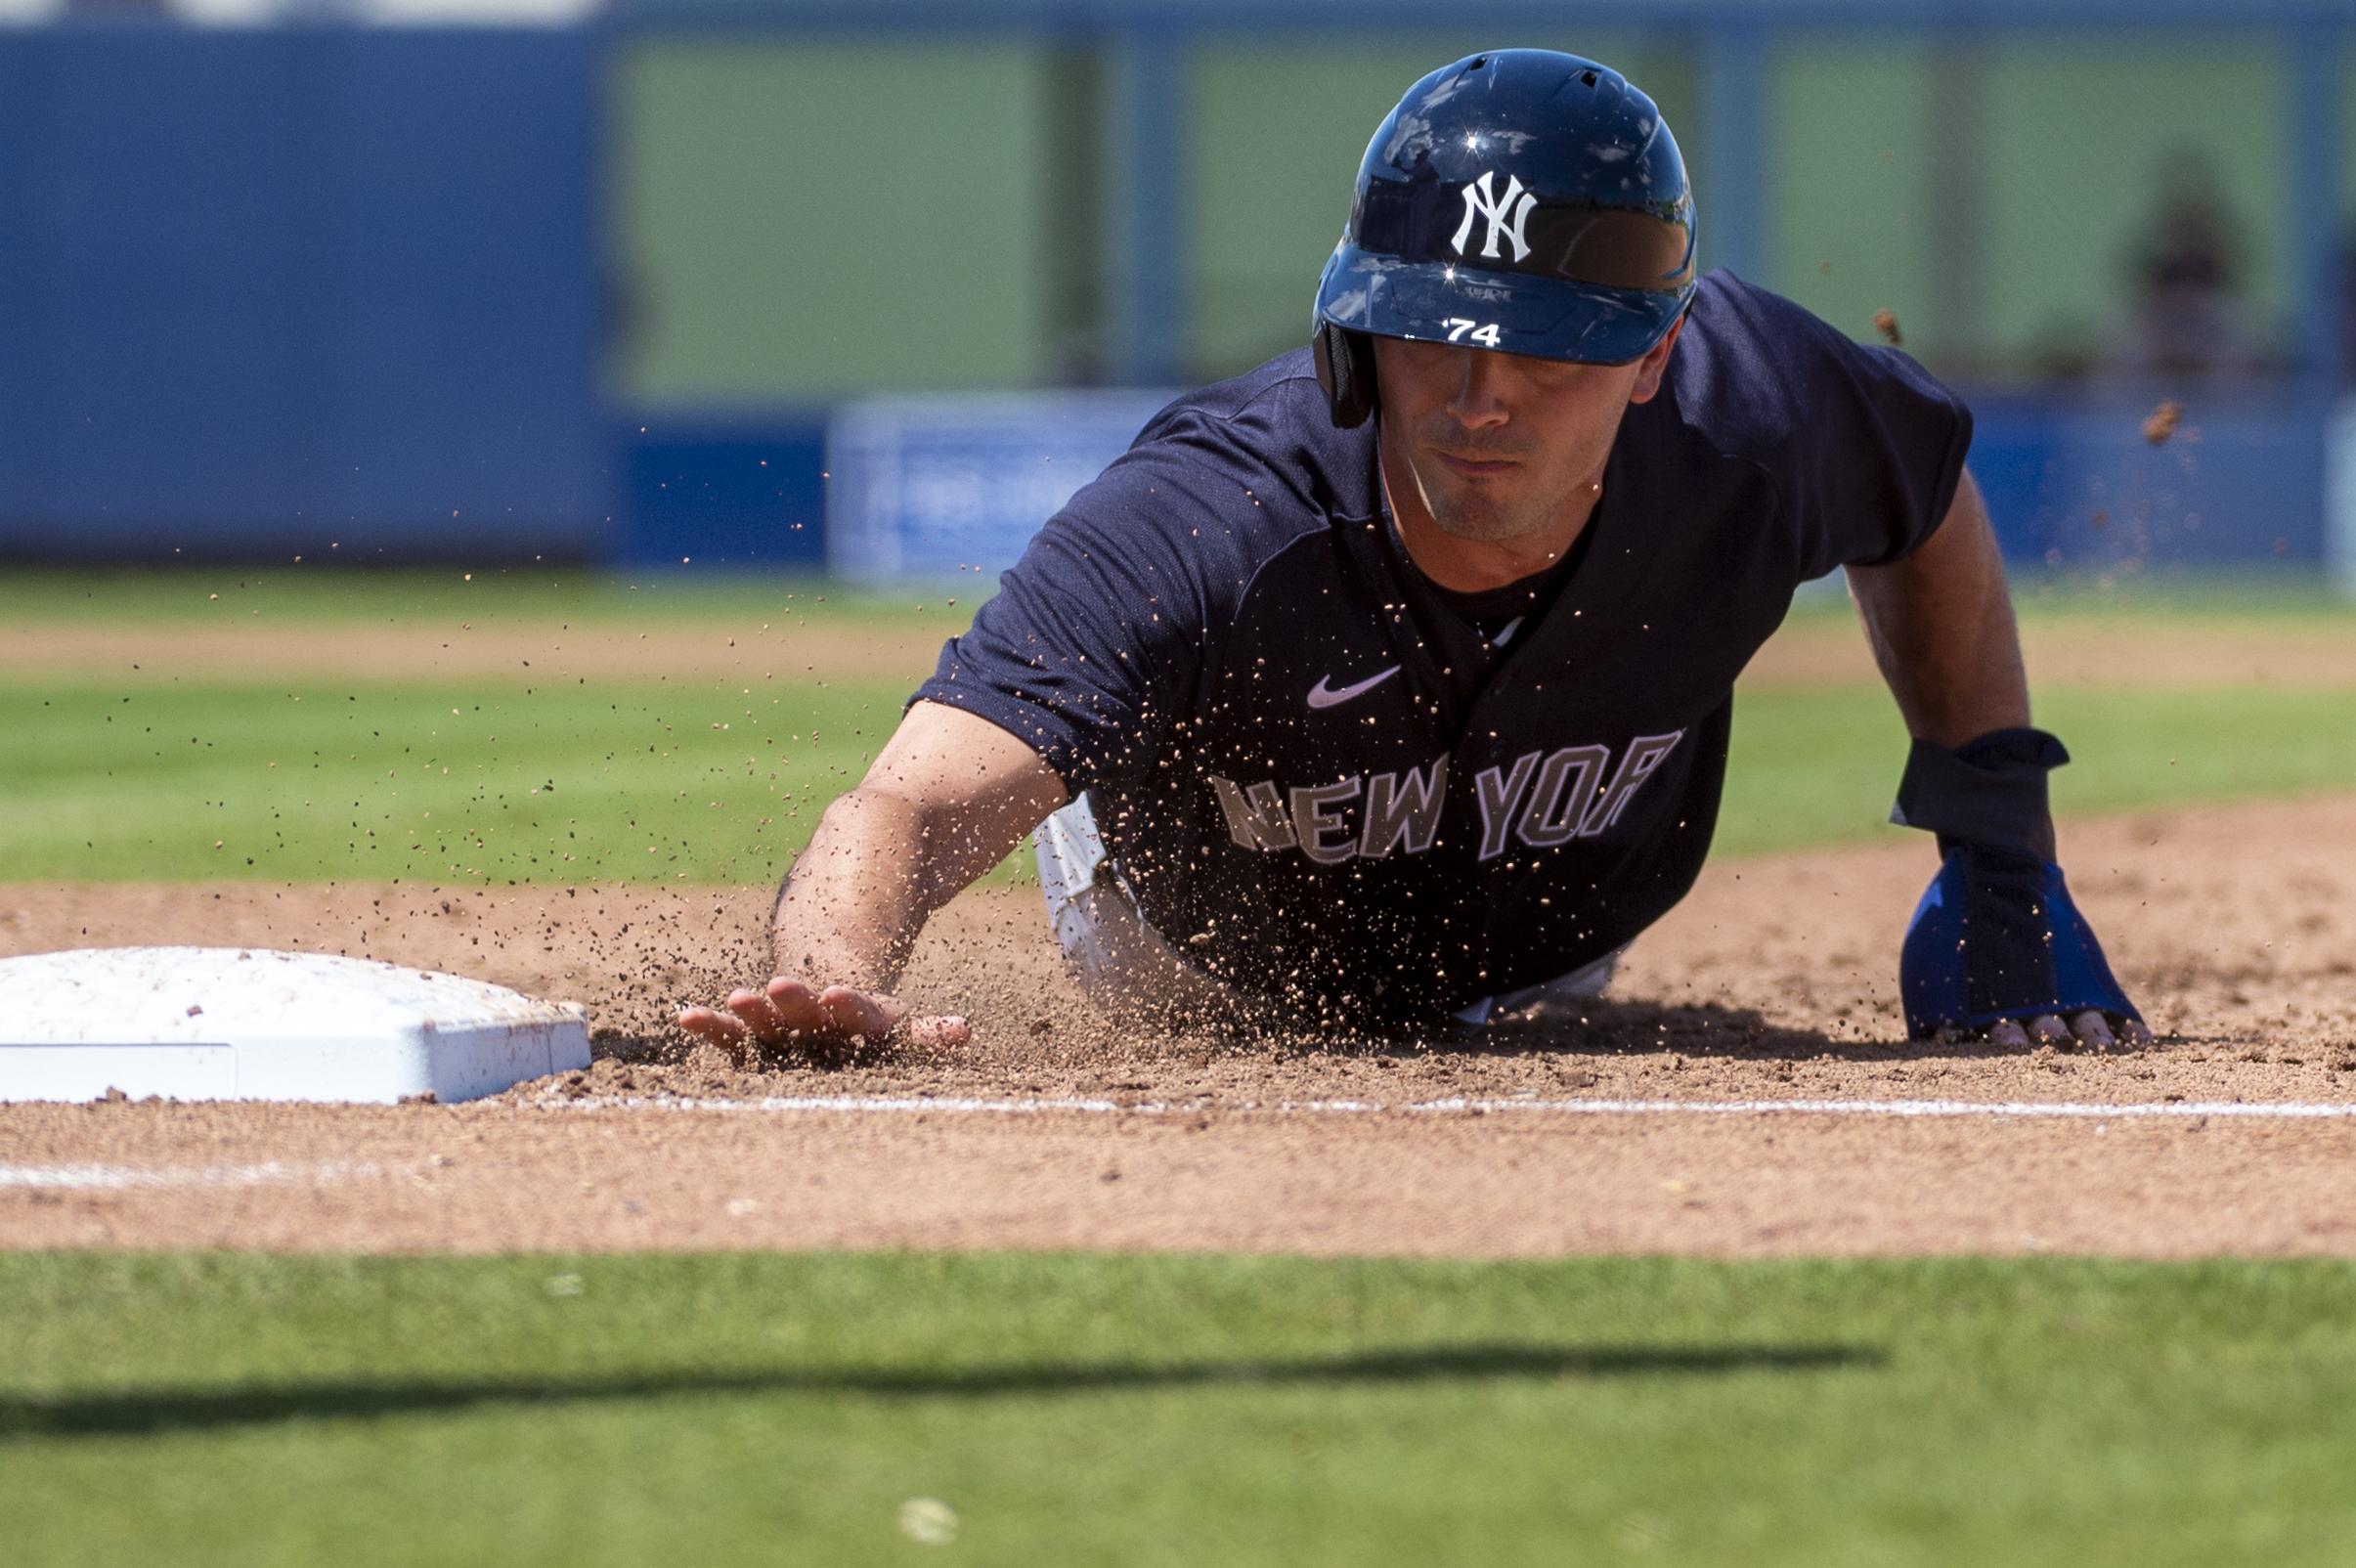 MLB: MAR 12 Spring Training - Yankees at Nationals